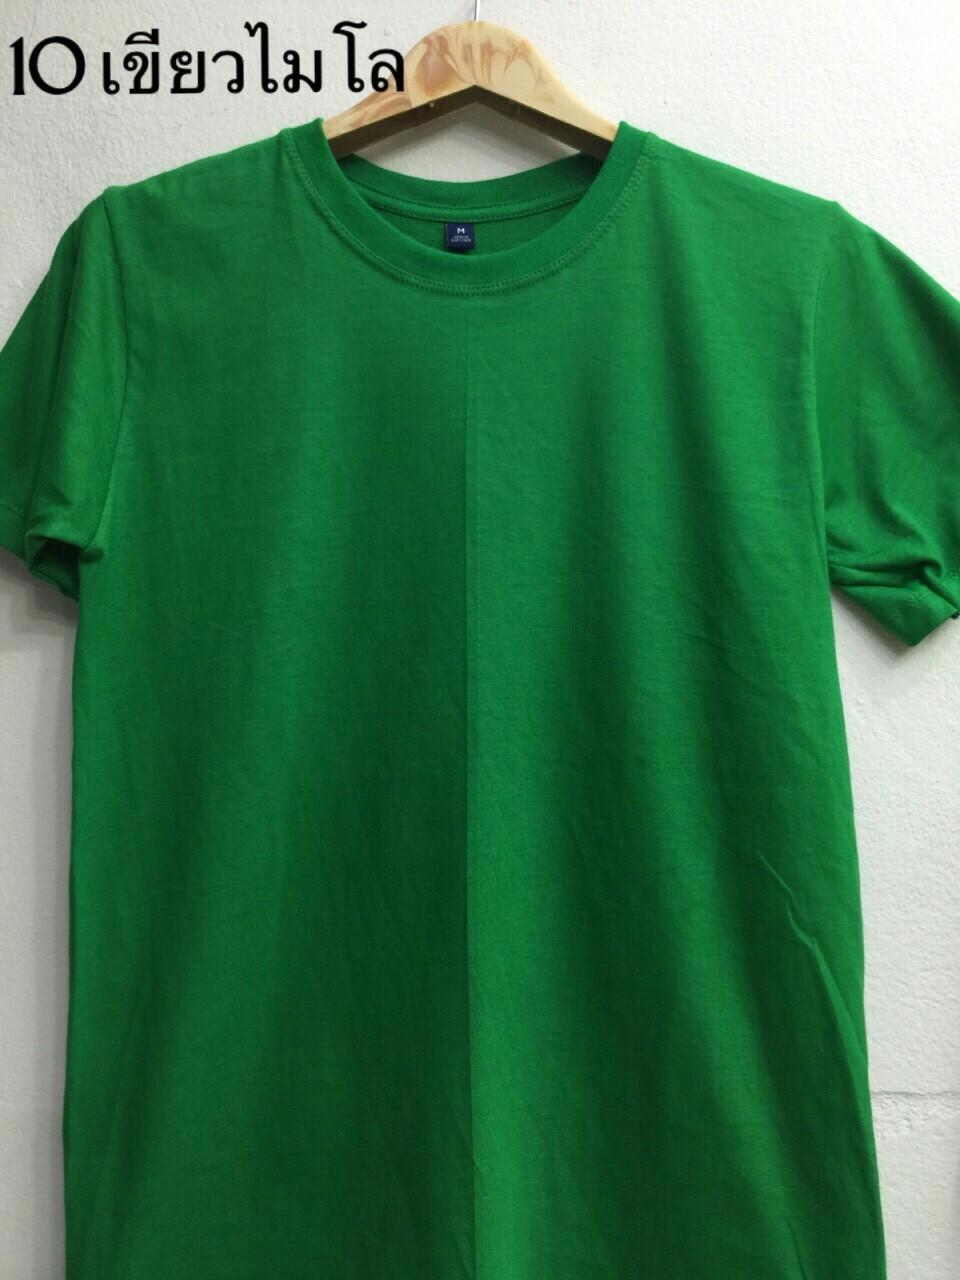 เสื้อ Cotton สีเขียวไมโล ไซส์ S,M,L